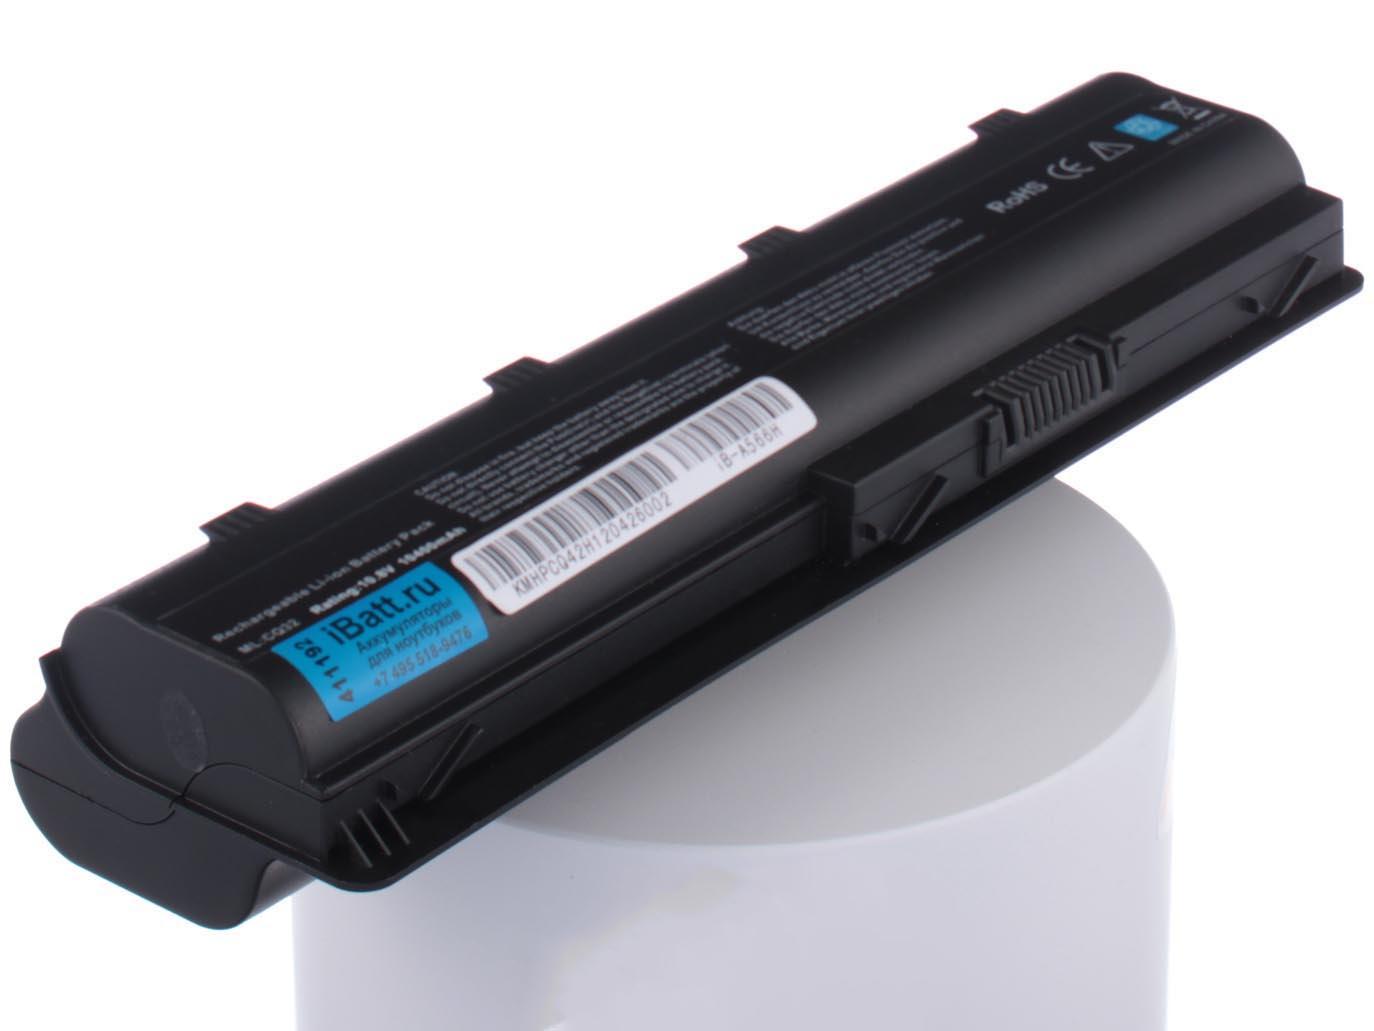 цены на Аккумулятор для ноутбука iBatt для HP-Compaq Pavilion g7-1173dx, Pavilion g7-1260us, Pavilion g7-2277sr, Presario CQ56-101ER, Presario CQ57-401ER, Presario CQ57-411ER, Presario CQ57-438ER, 650 (B6N64EA), 650 B6N64EA, CQ58-281SR  в интернет-магазинах